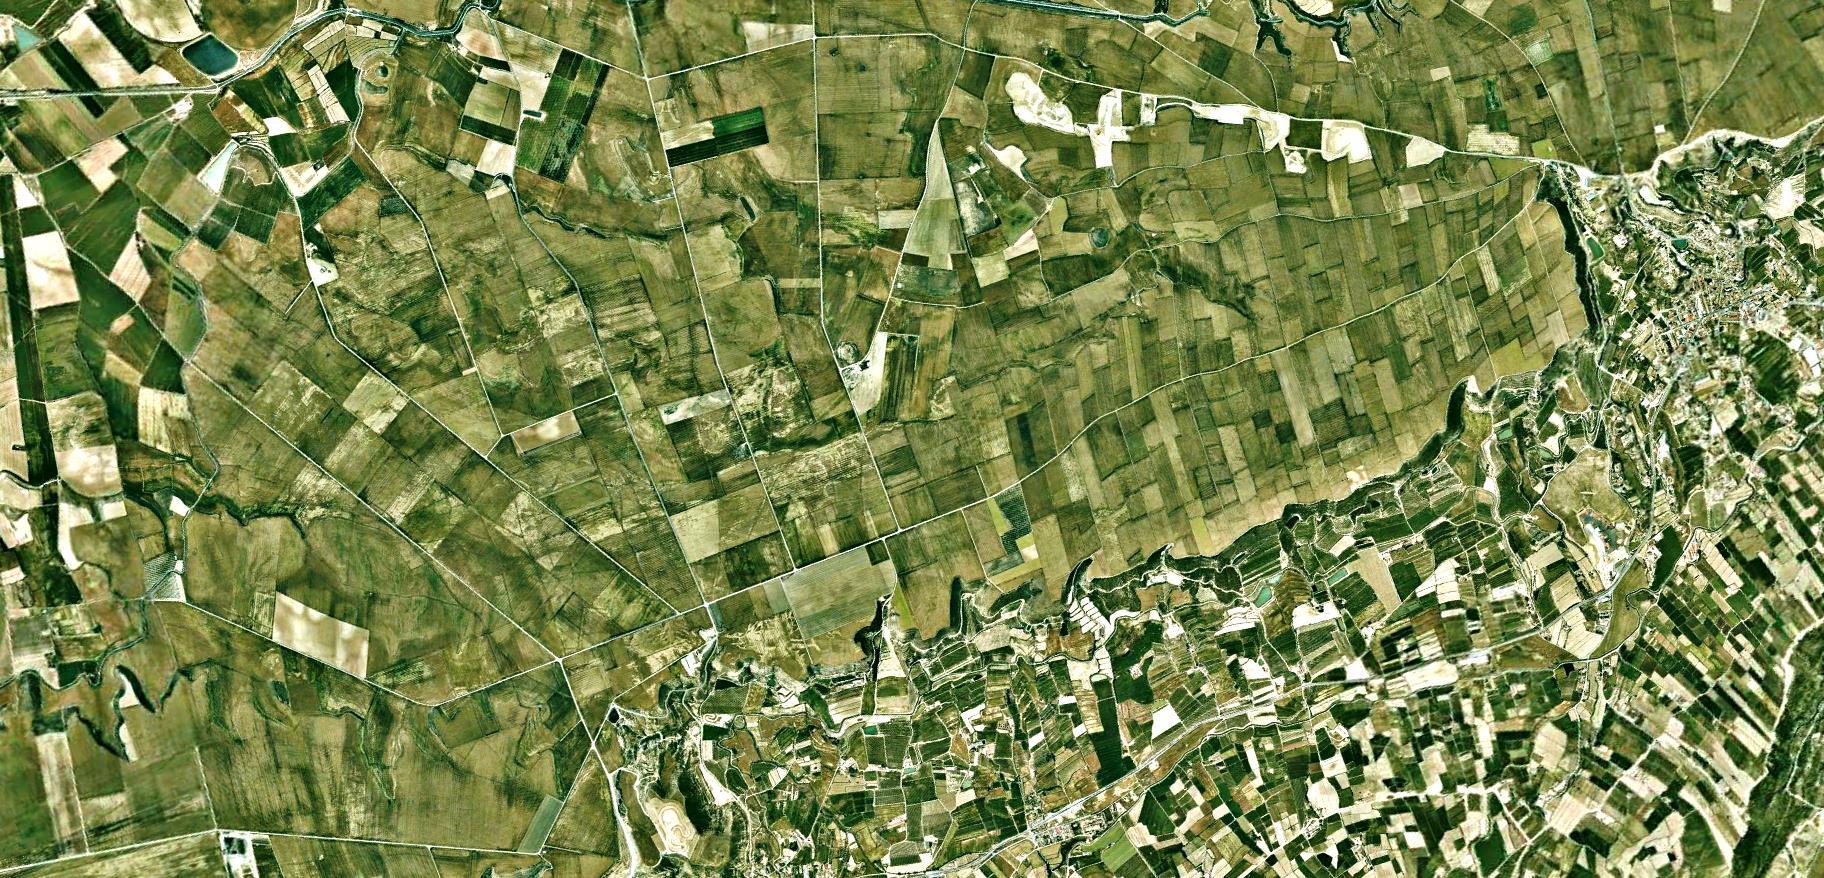 antes, urbanismo, foto aérea, desastre, urbanístico, planeamiento, urbano, construcción, autopista, a ningún sitio, Lleida, Lérida, Alguaire, Almenar, A-14